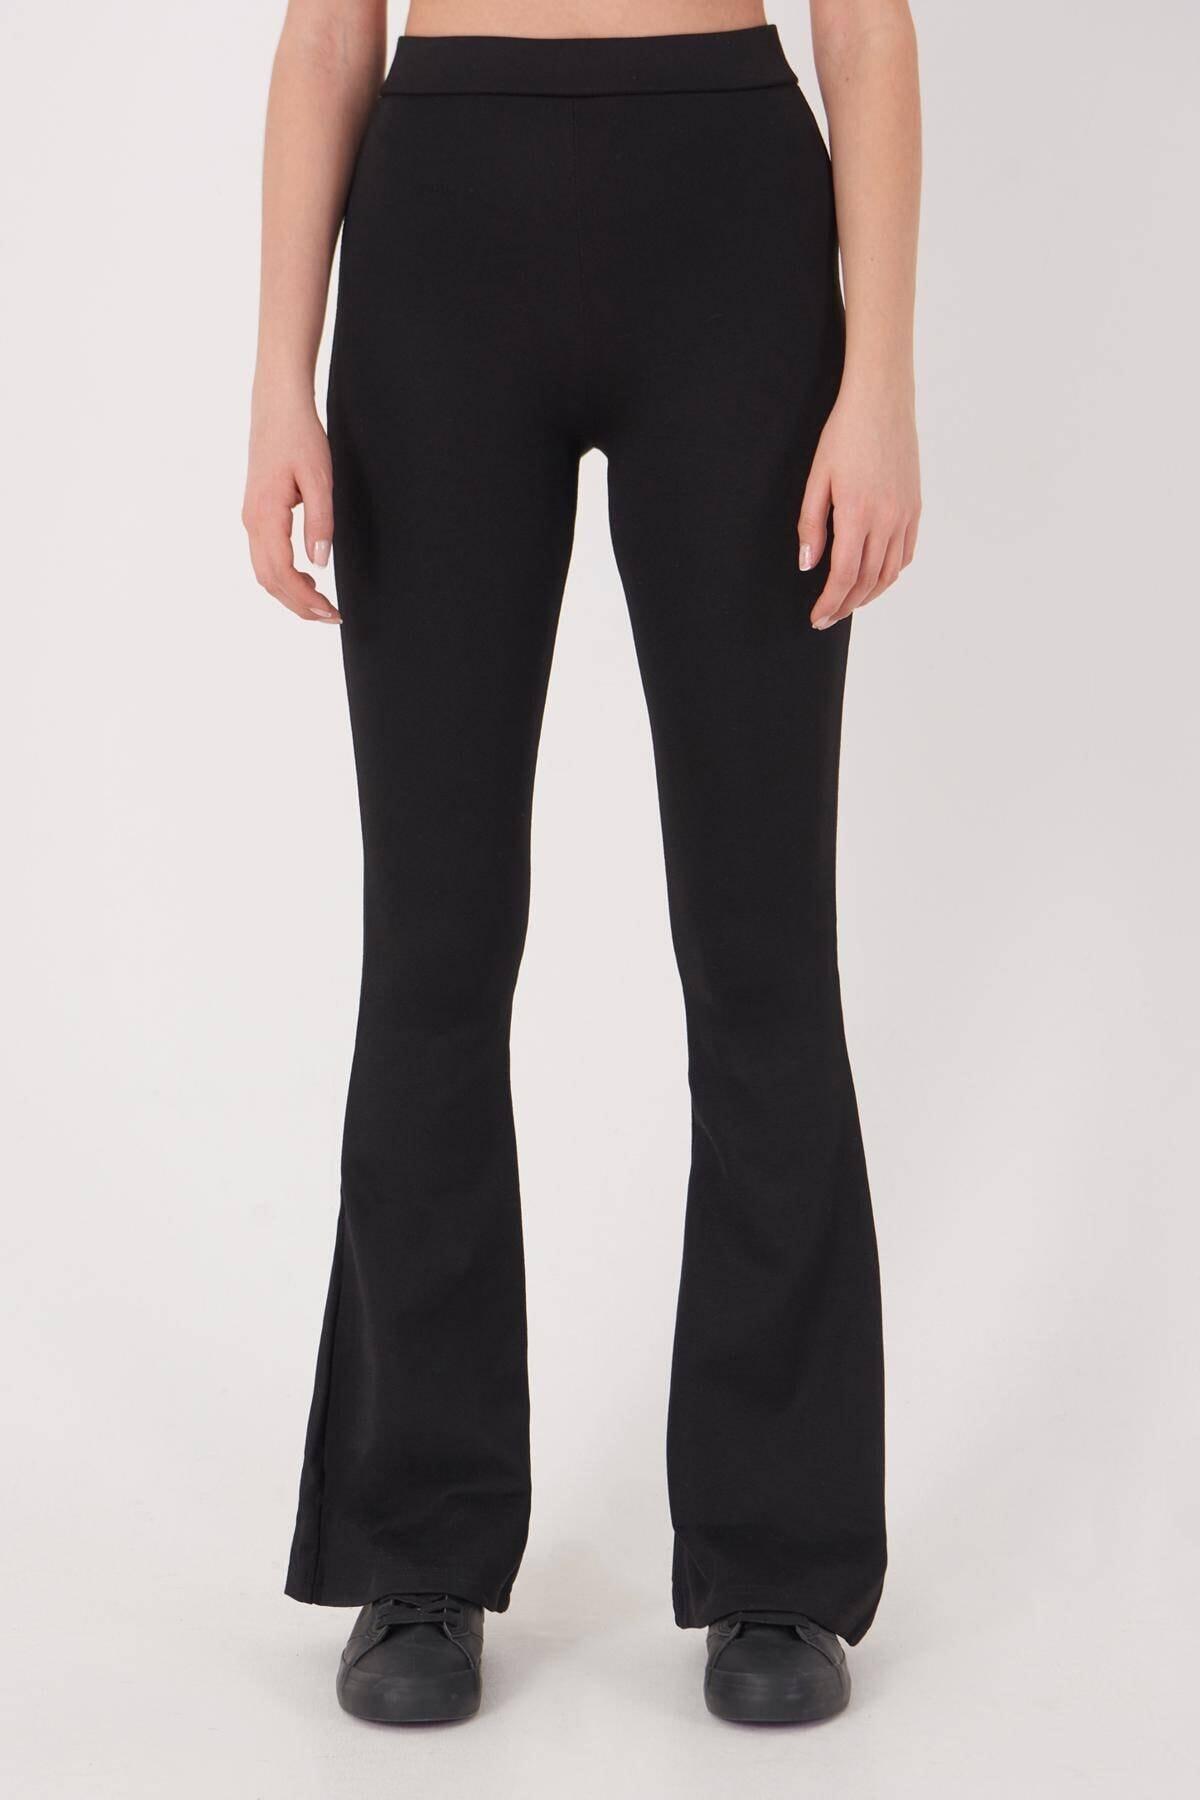 Addax Kadın Siyah İspanyol Paça Tayt Pantolon ADX-00012474 2